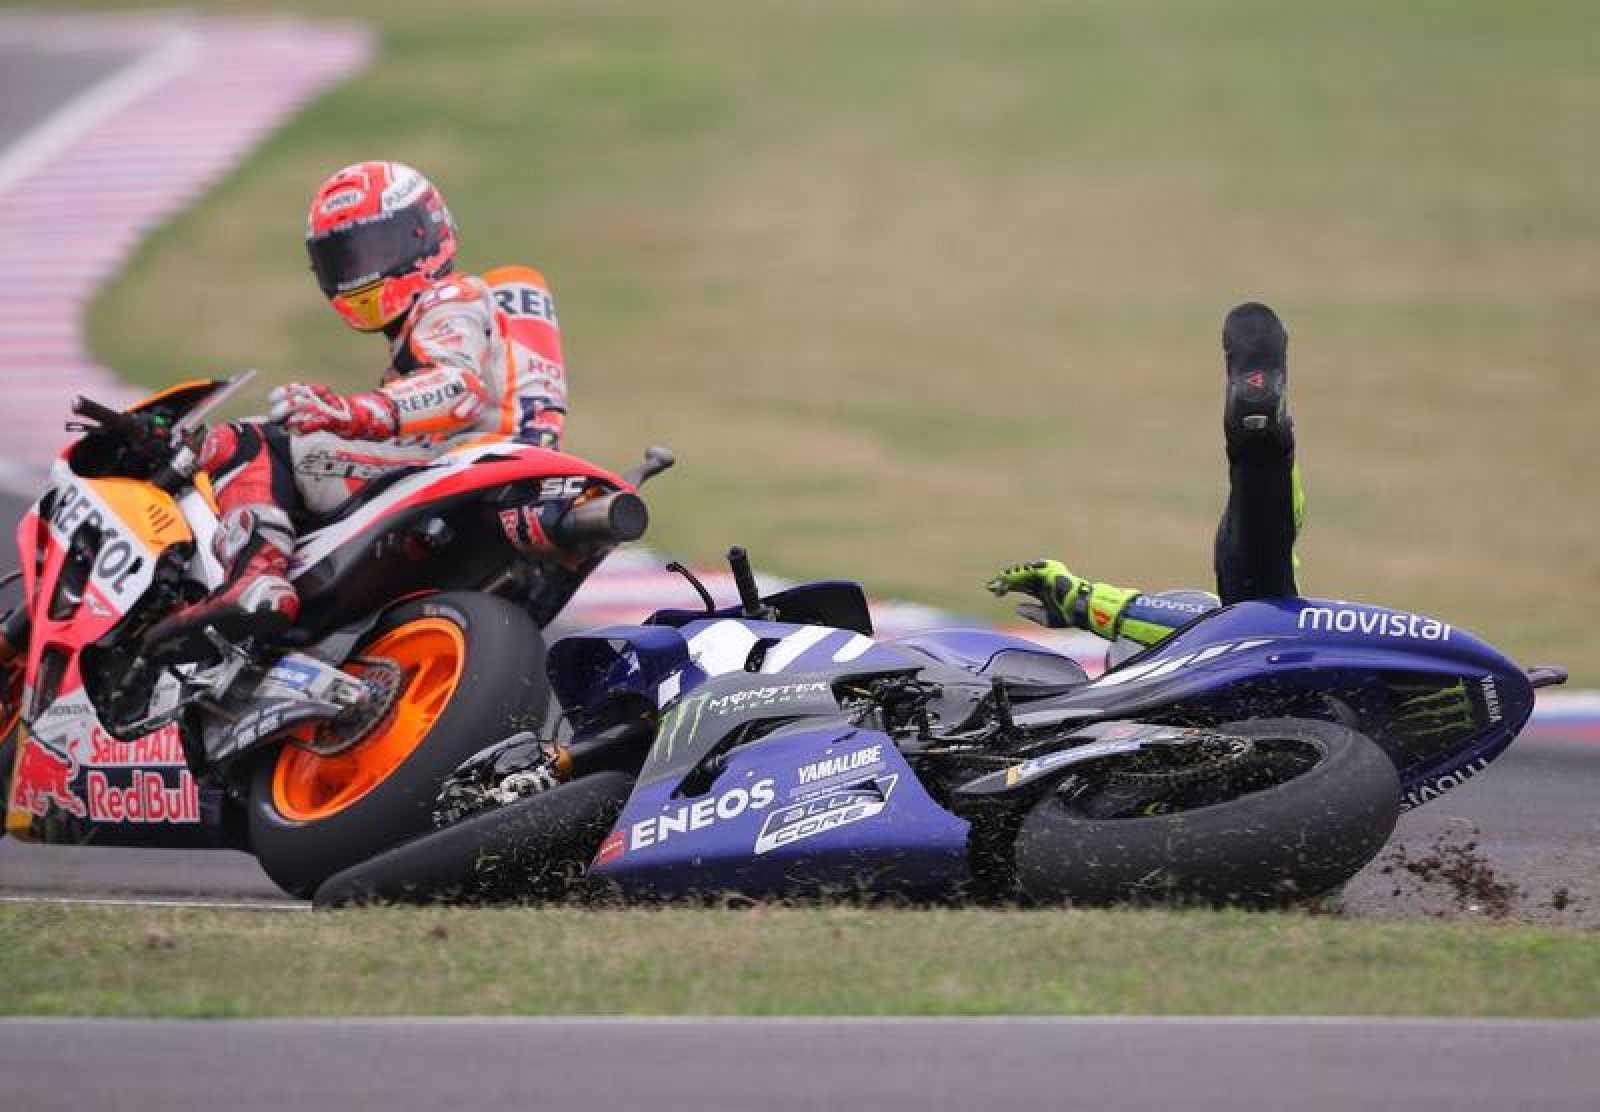 Márquez y Rossi tras el incidente que acabó con el italiano en el suelo.